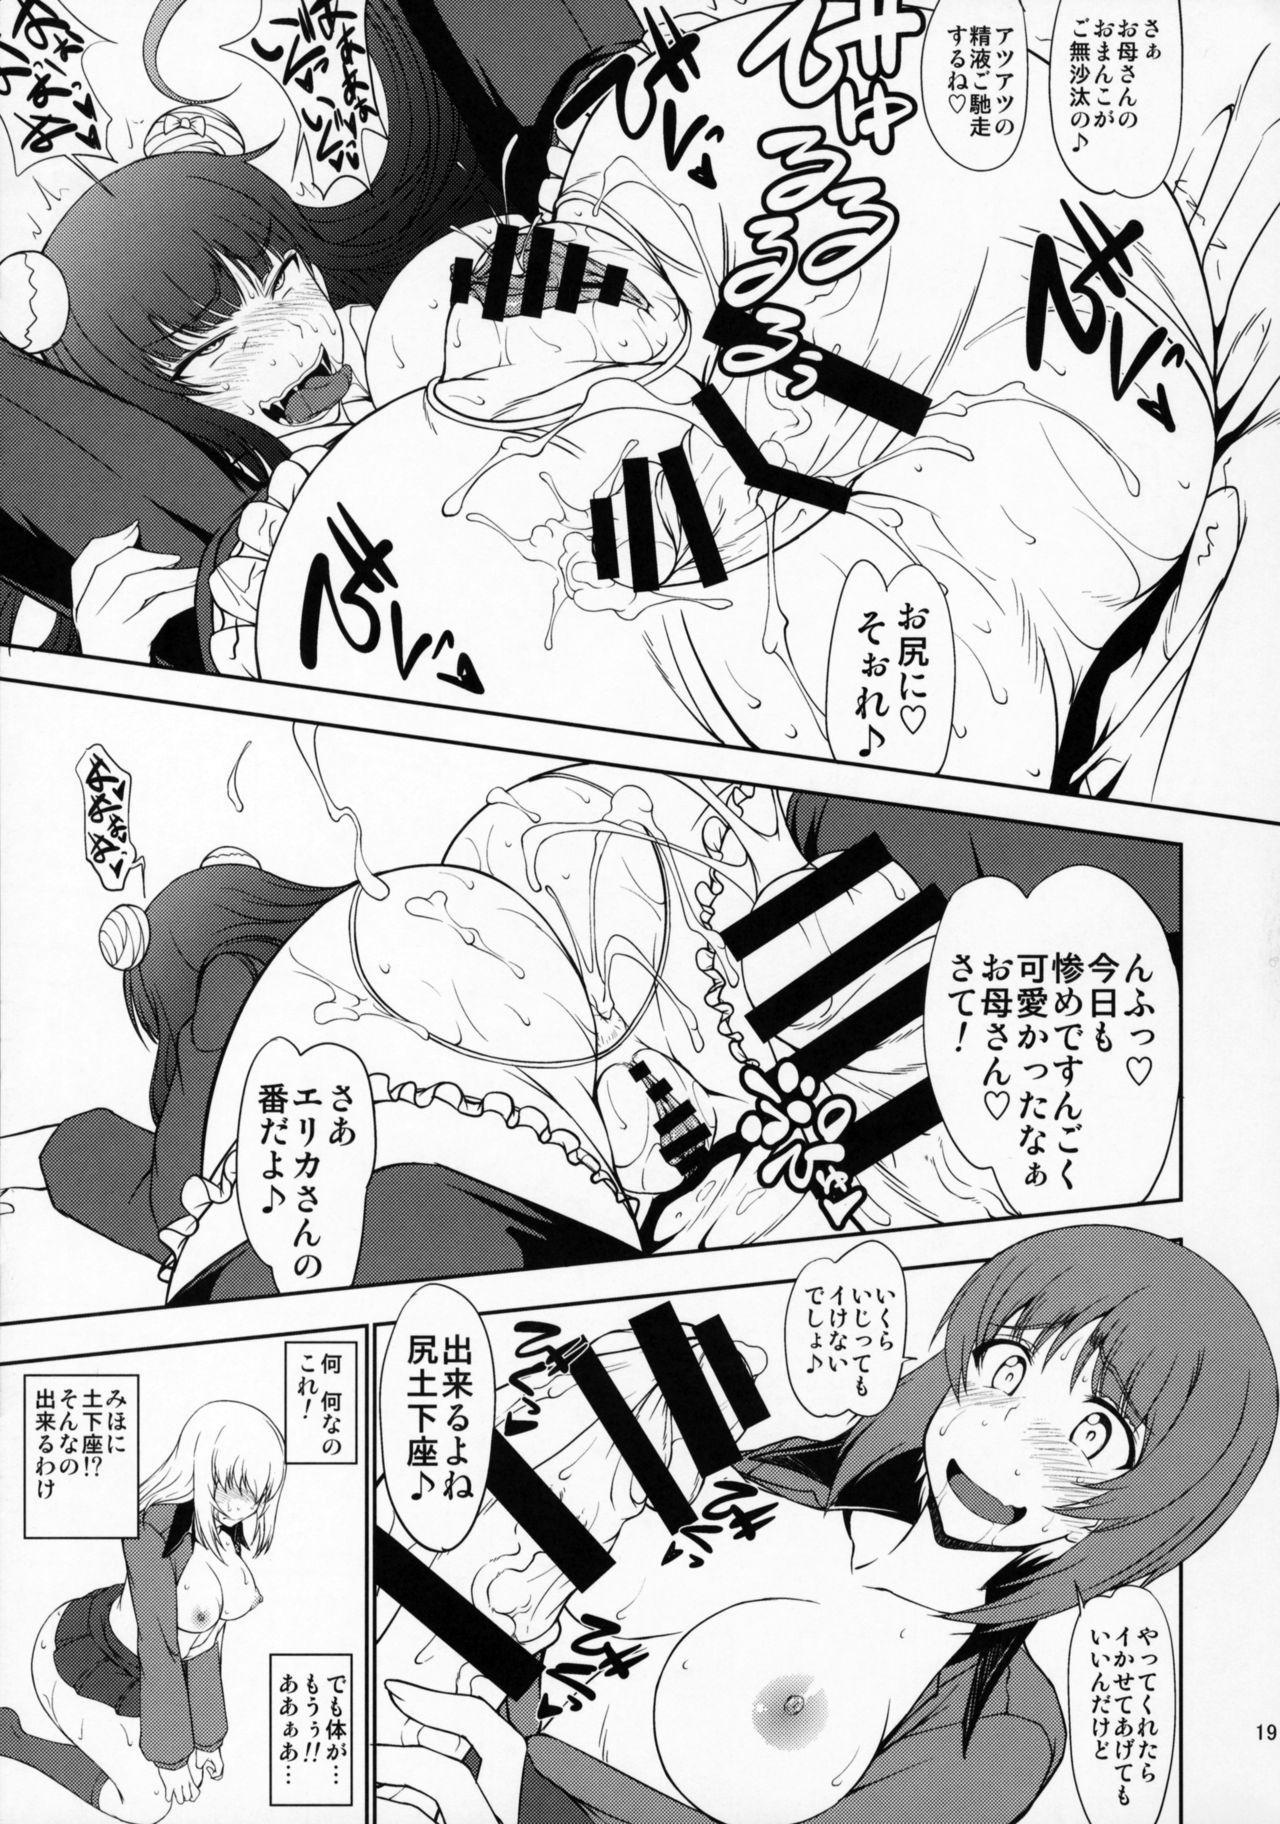 Maware! Amaki Sasayaki No Mugen Kidou 17